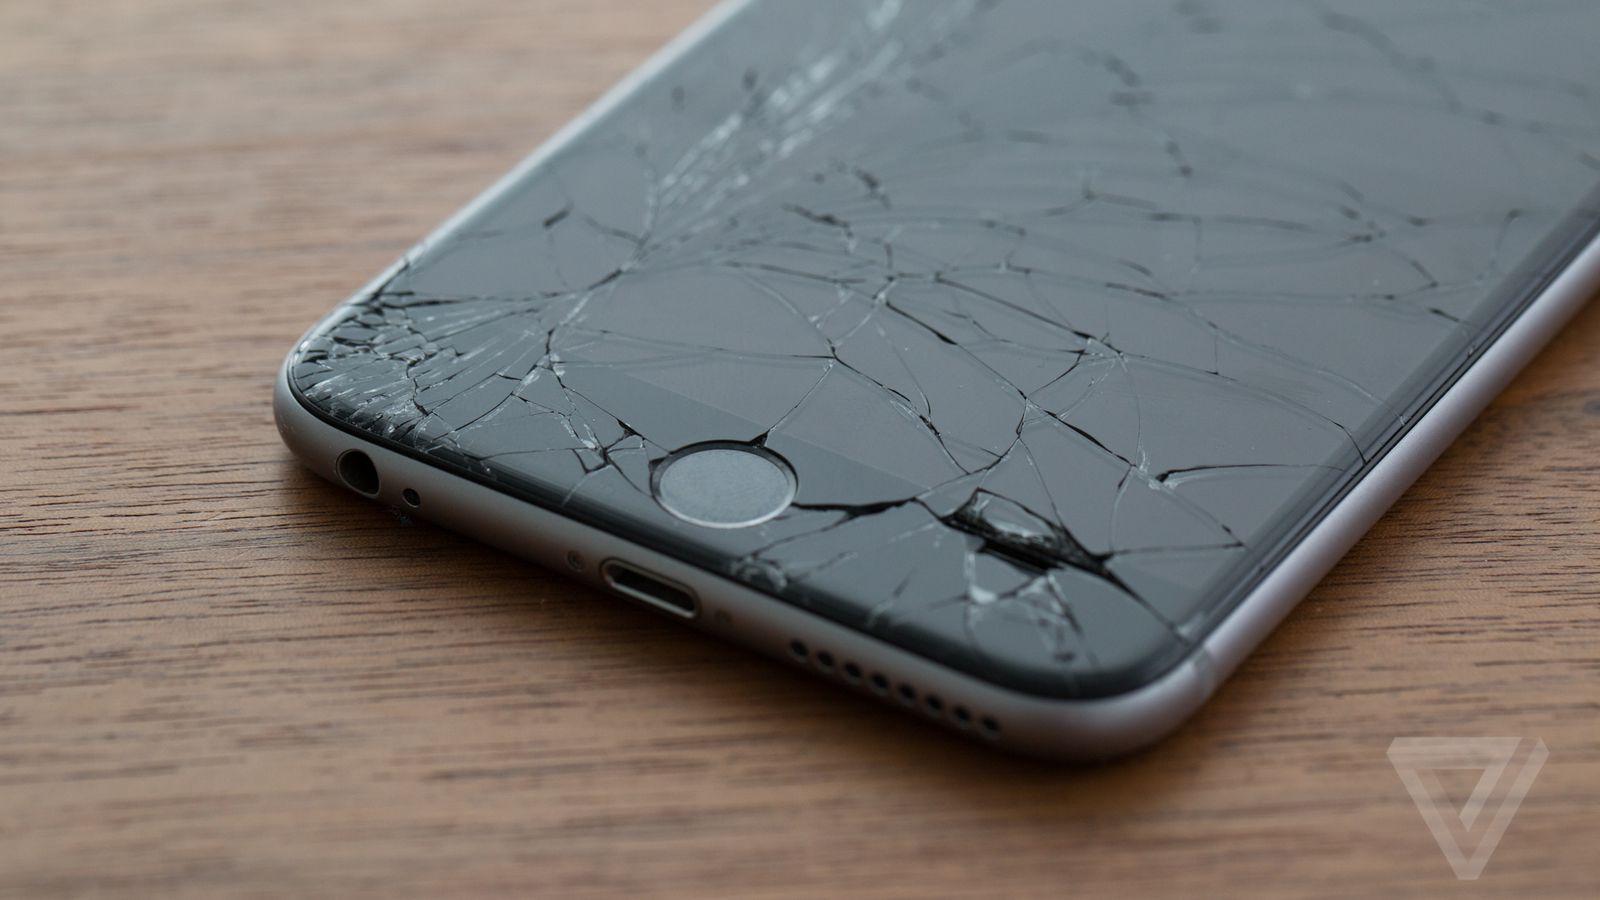 Apple a tranquillement rendu moins cher le remplacement d'un écran d'iPhone fissuré